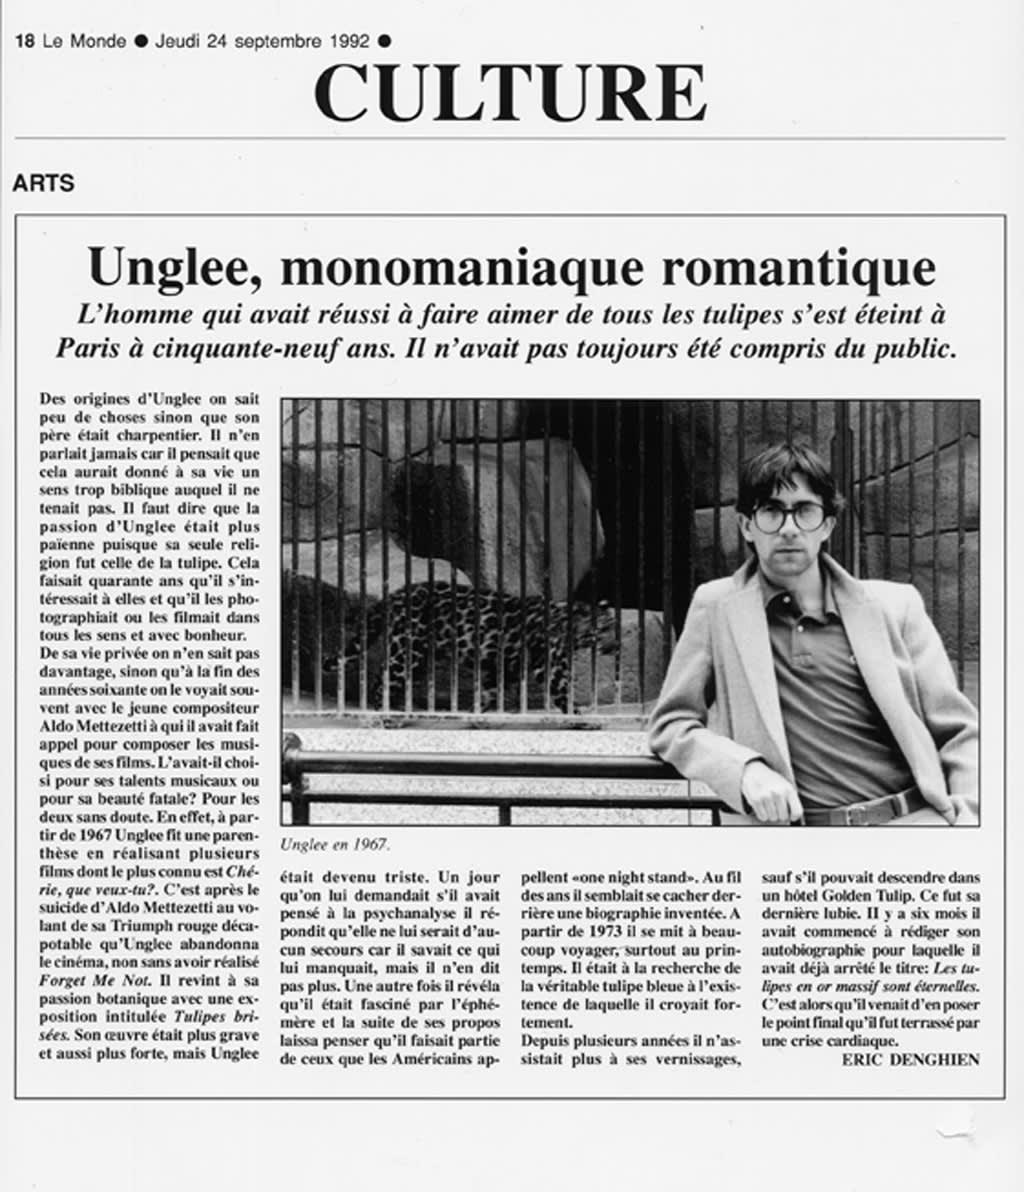 Unglee, Unglee, monomaniaque romantique, 1993-1995